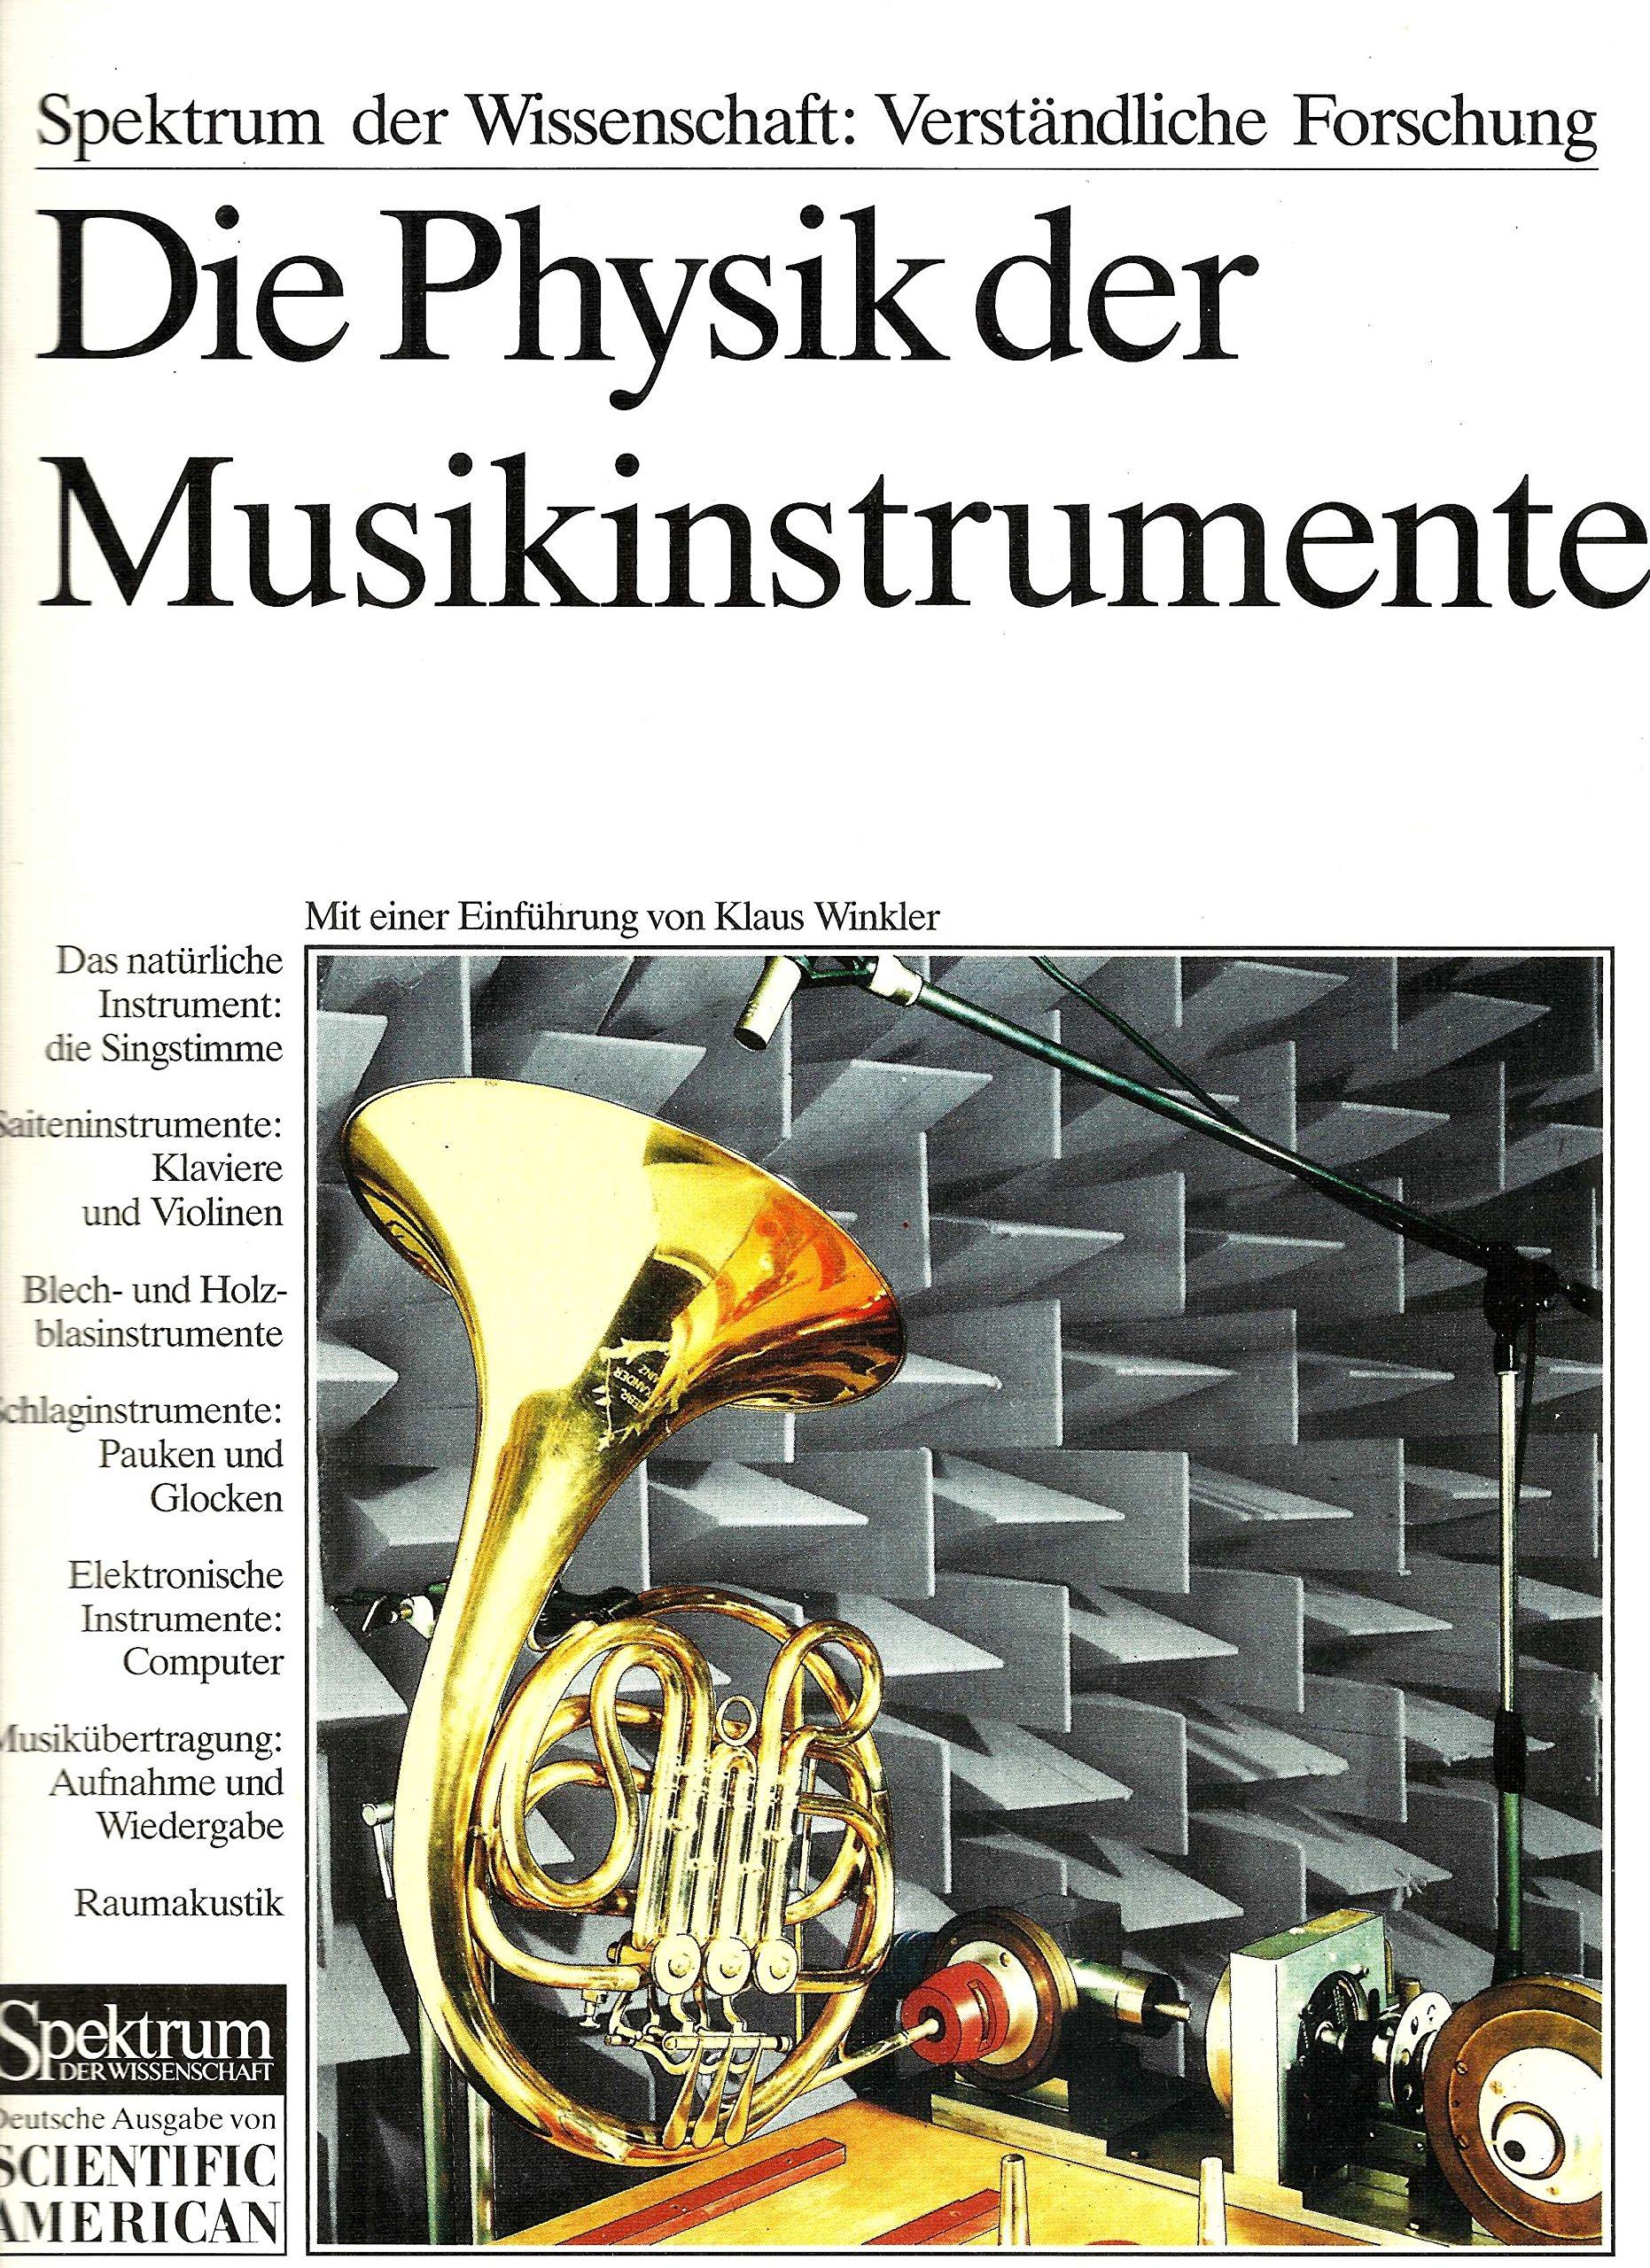 Die Physik der Musikinstrumente